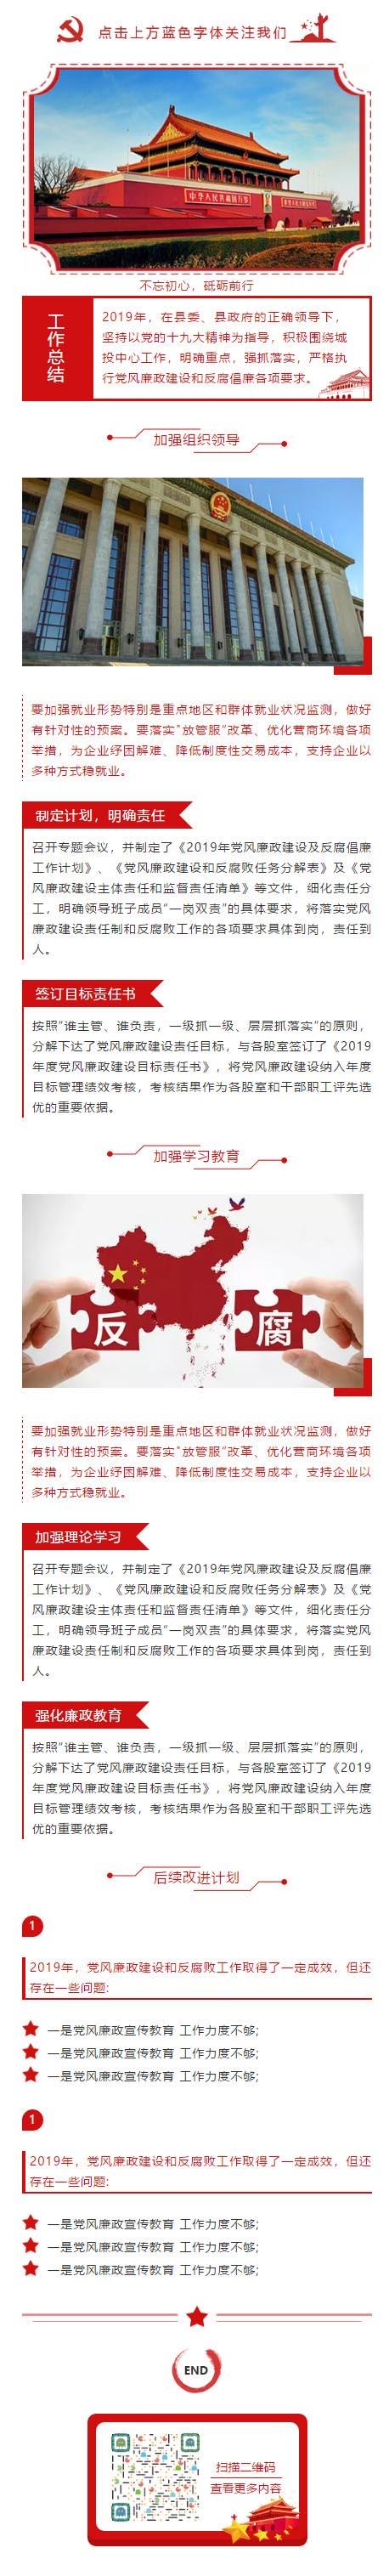 党政红色风格模板微信公众号图文模板推送素材推文章